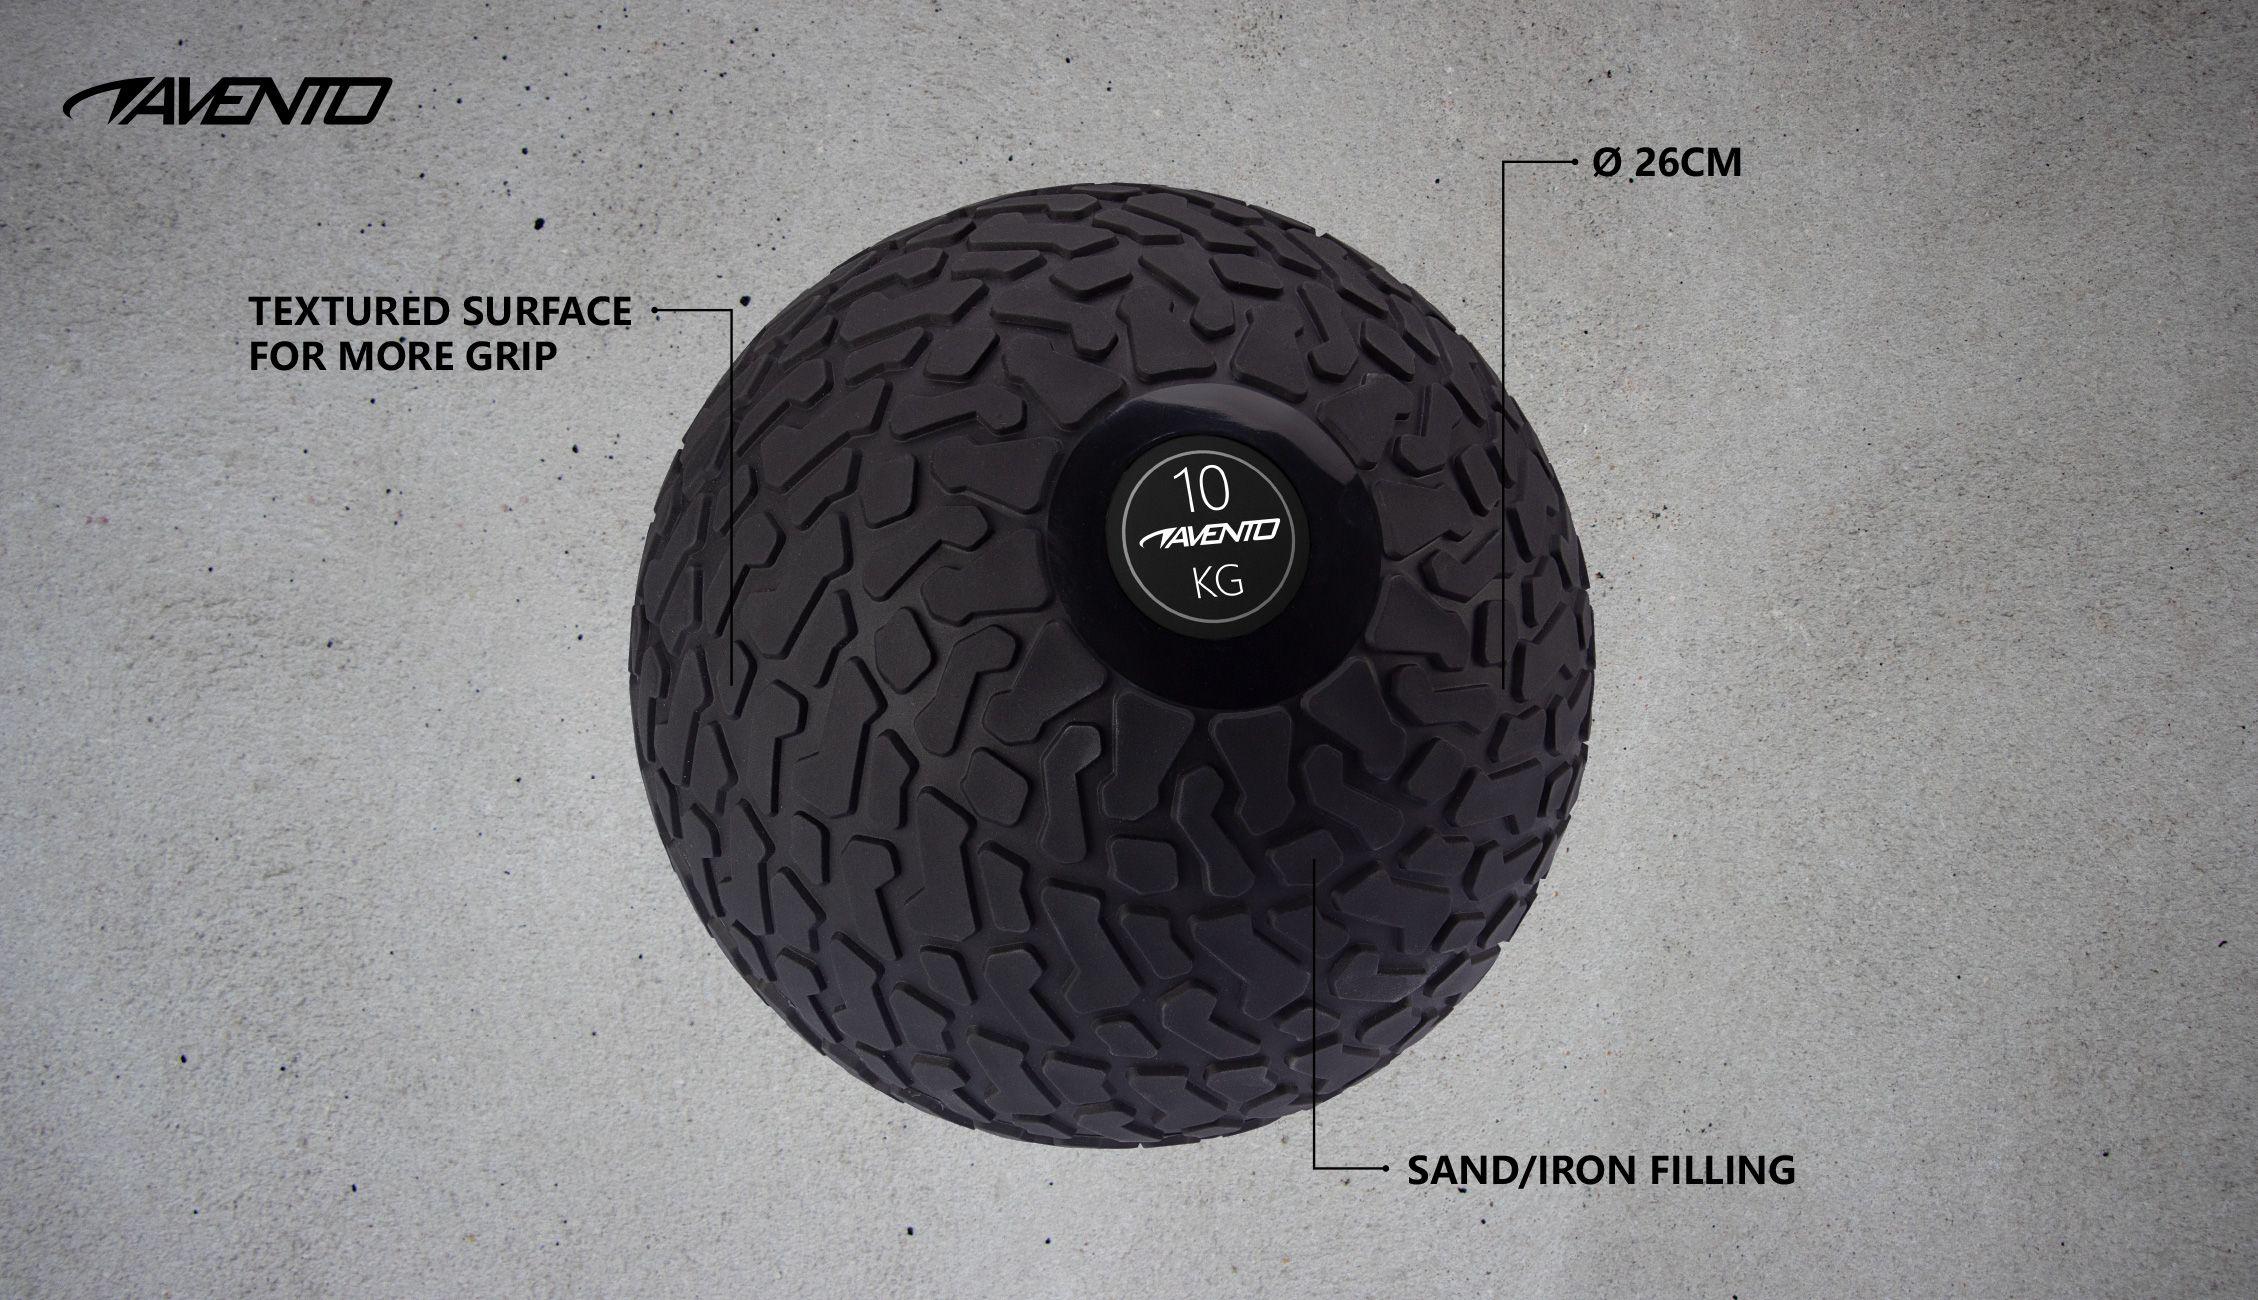 Minge Slam Ball Textured, 10 Kg